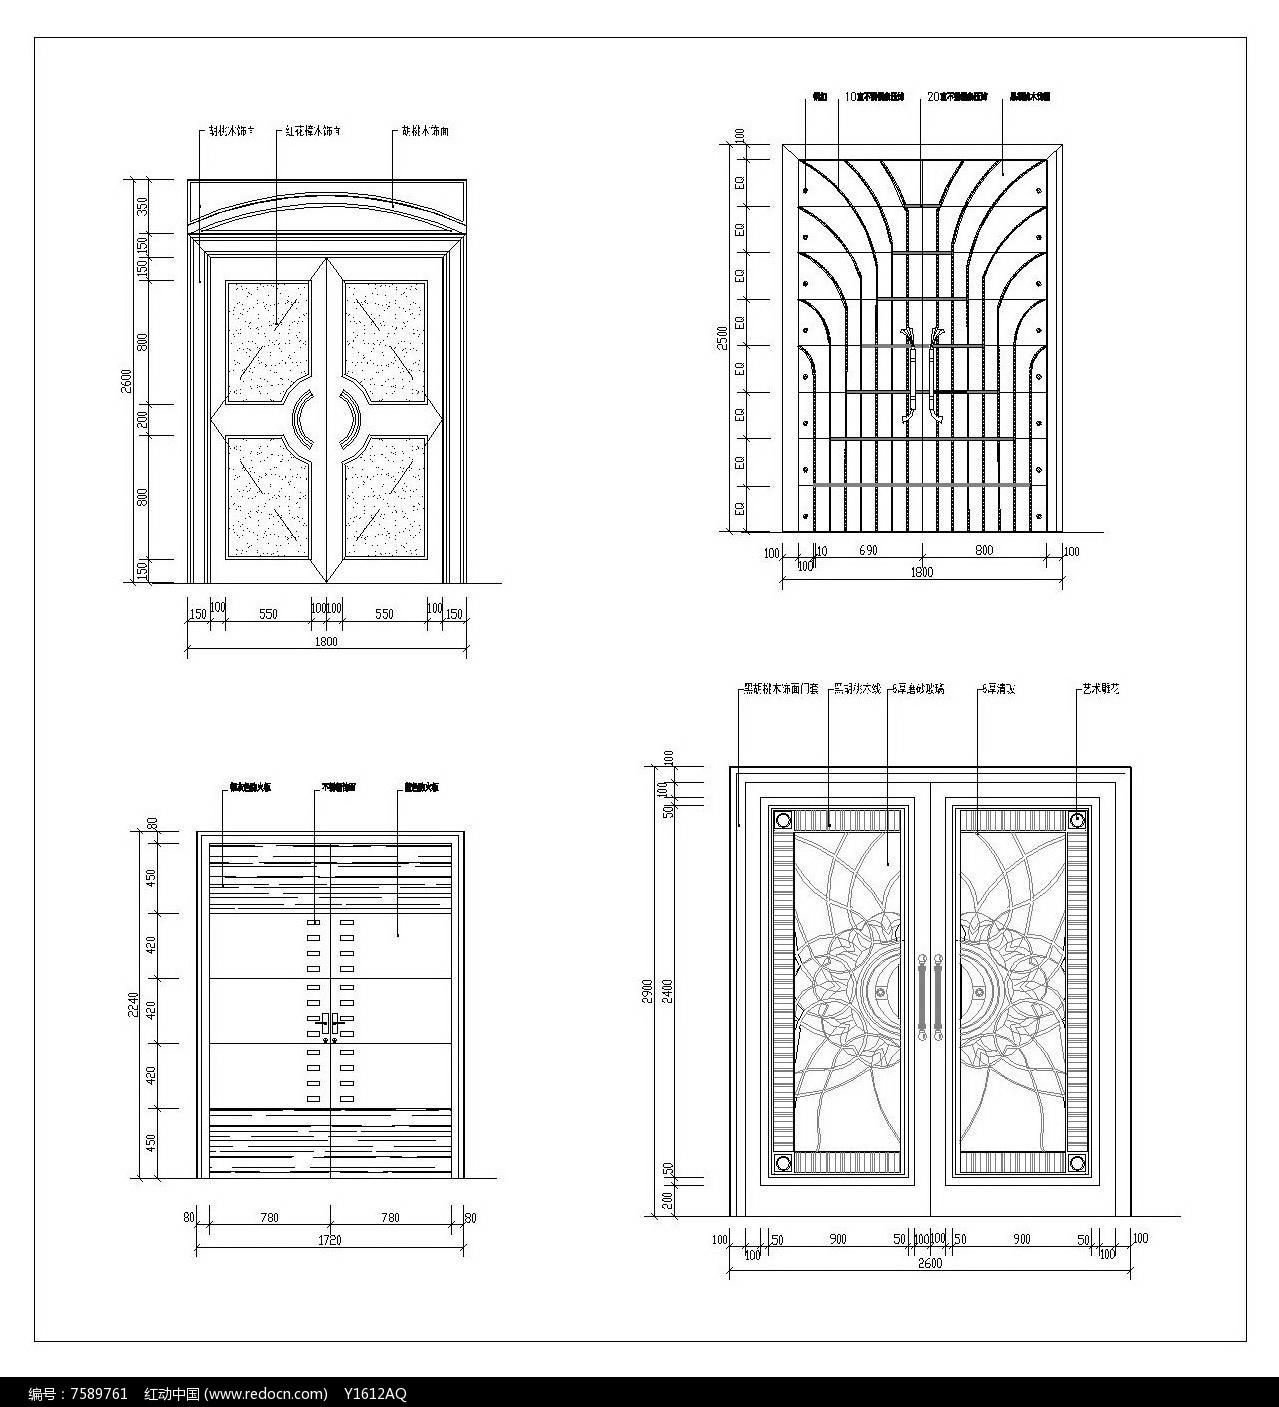 精致造型文件双扇门CAD花纹dwg素材下载_建cad怎么办覆盖图集了图片